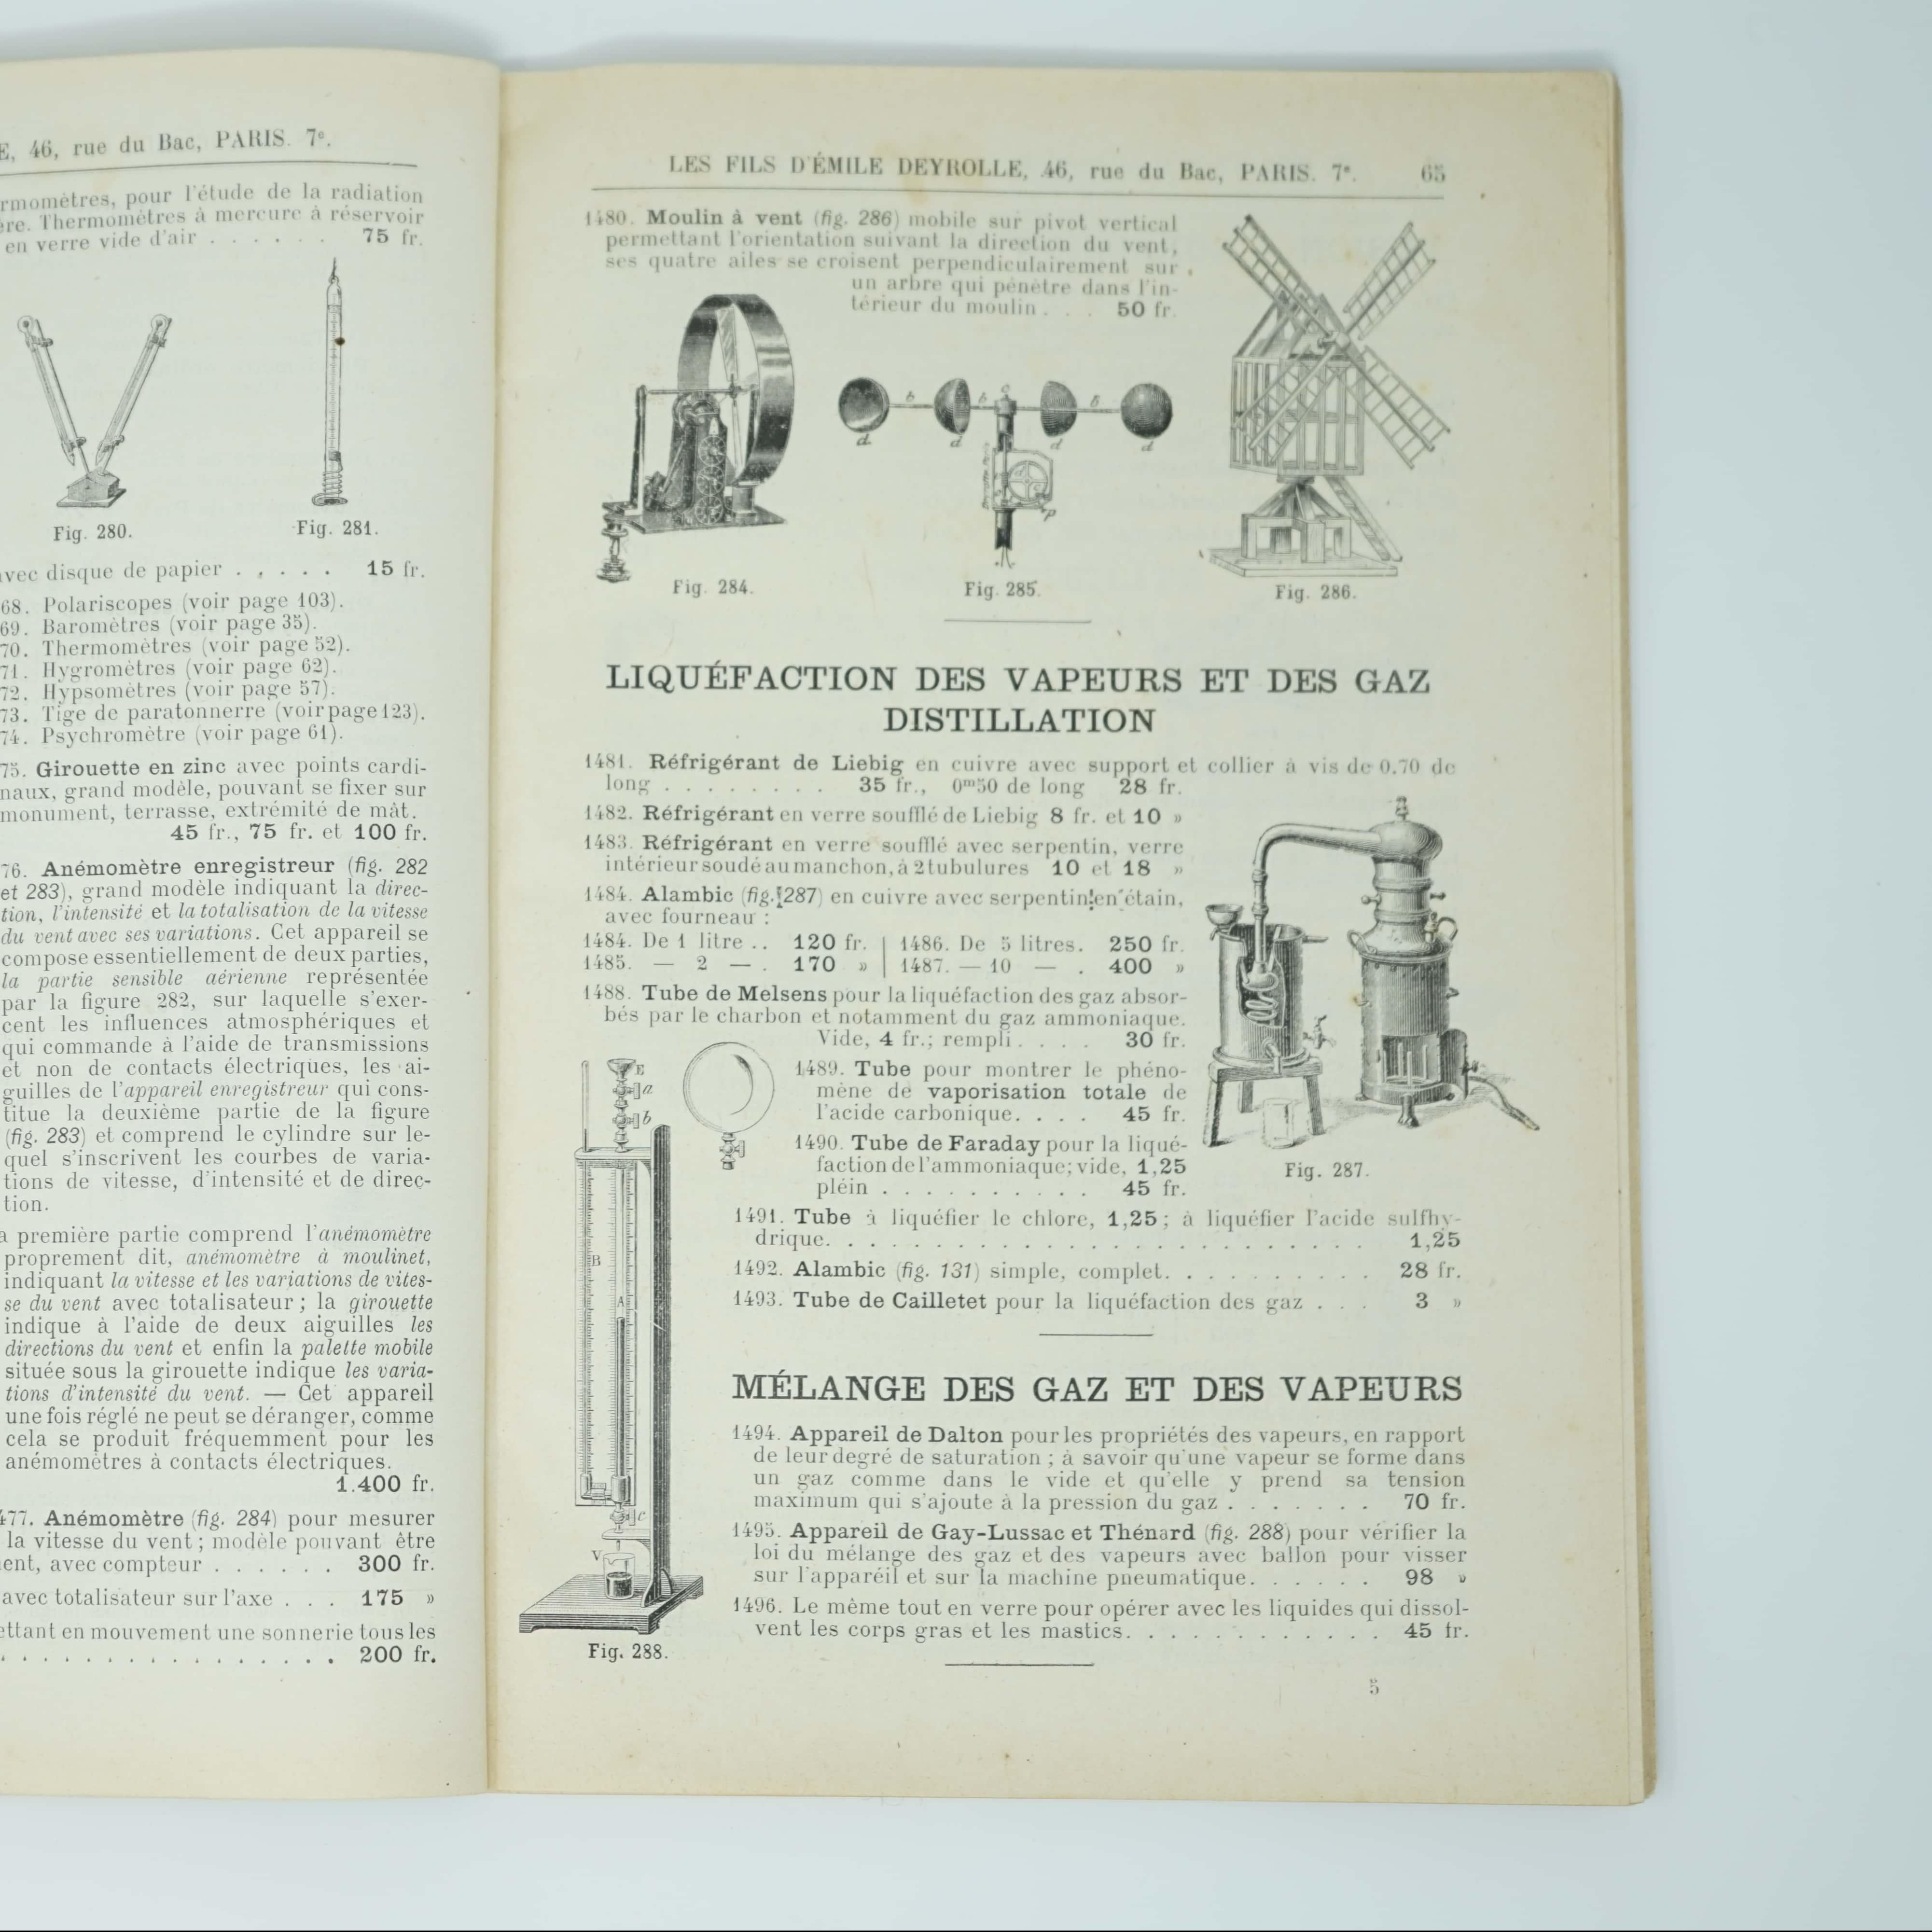 Catalogue d'Instruments Physique de Précision intérieur